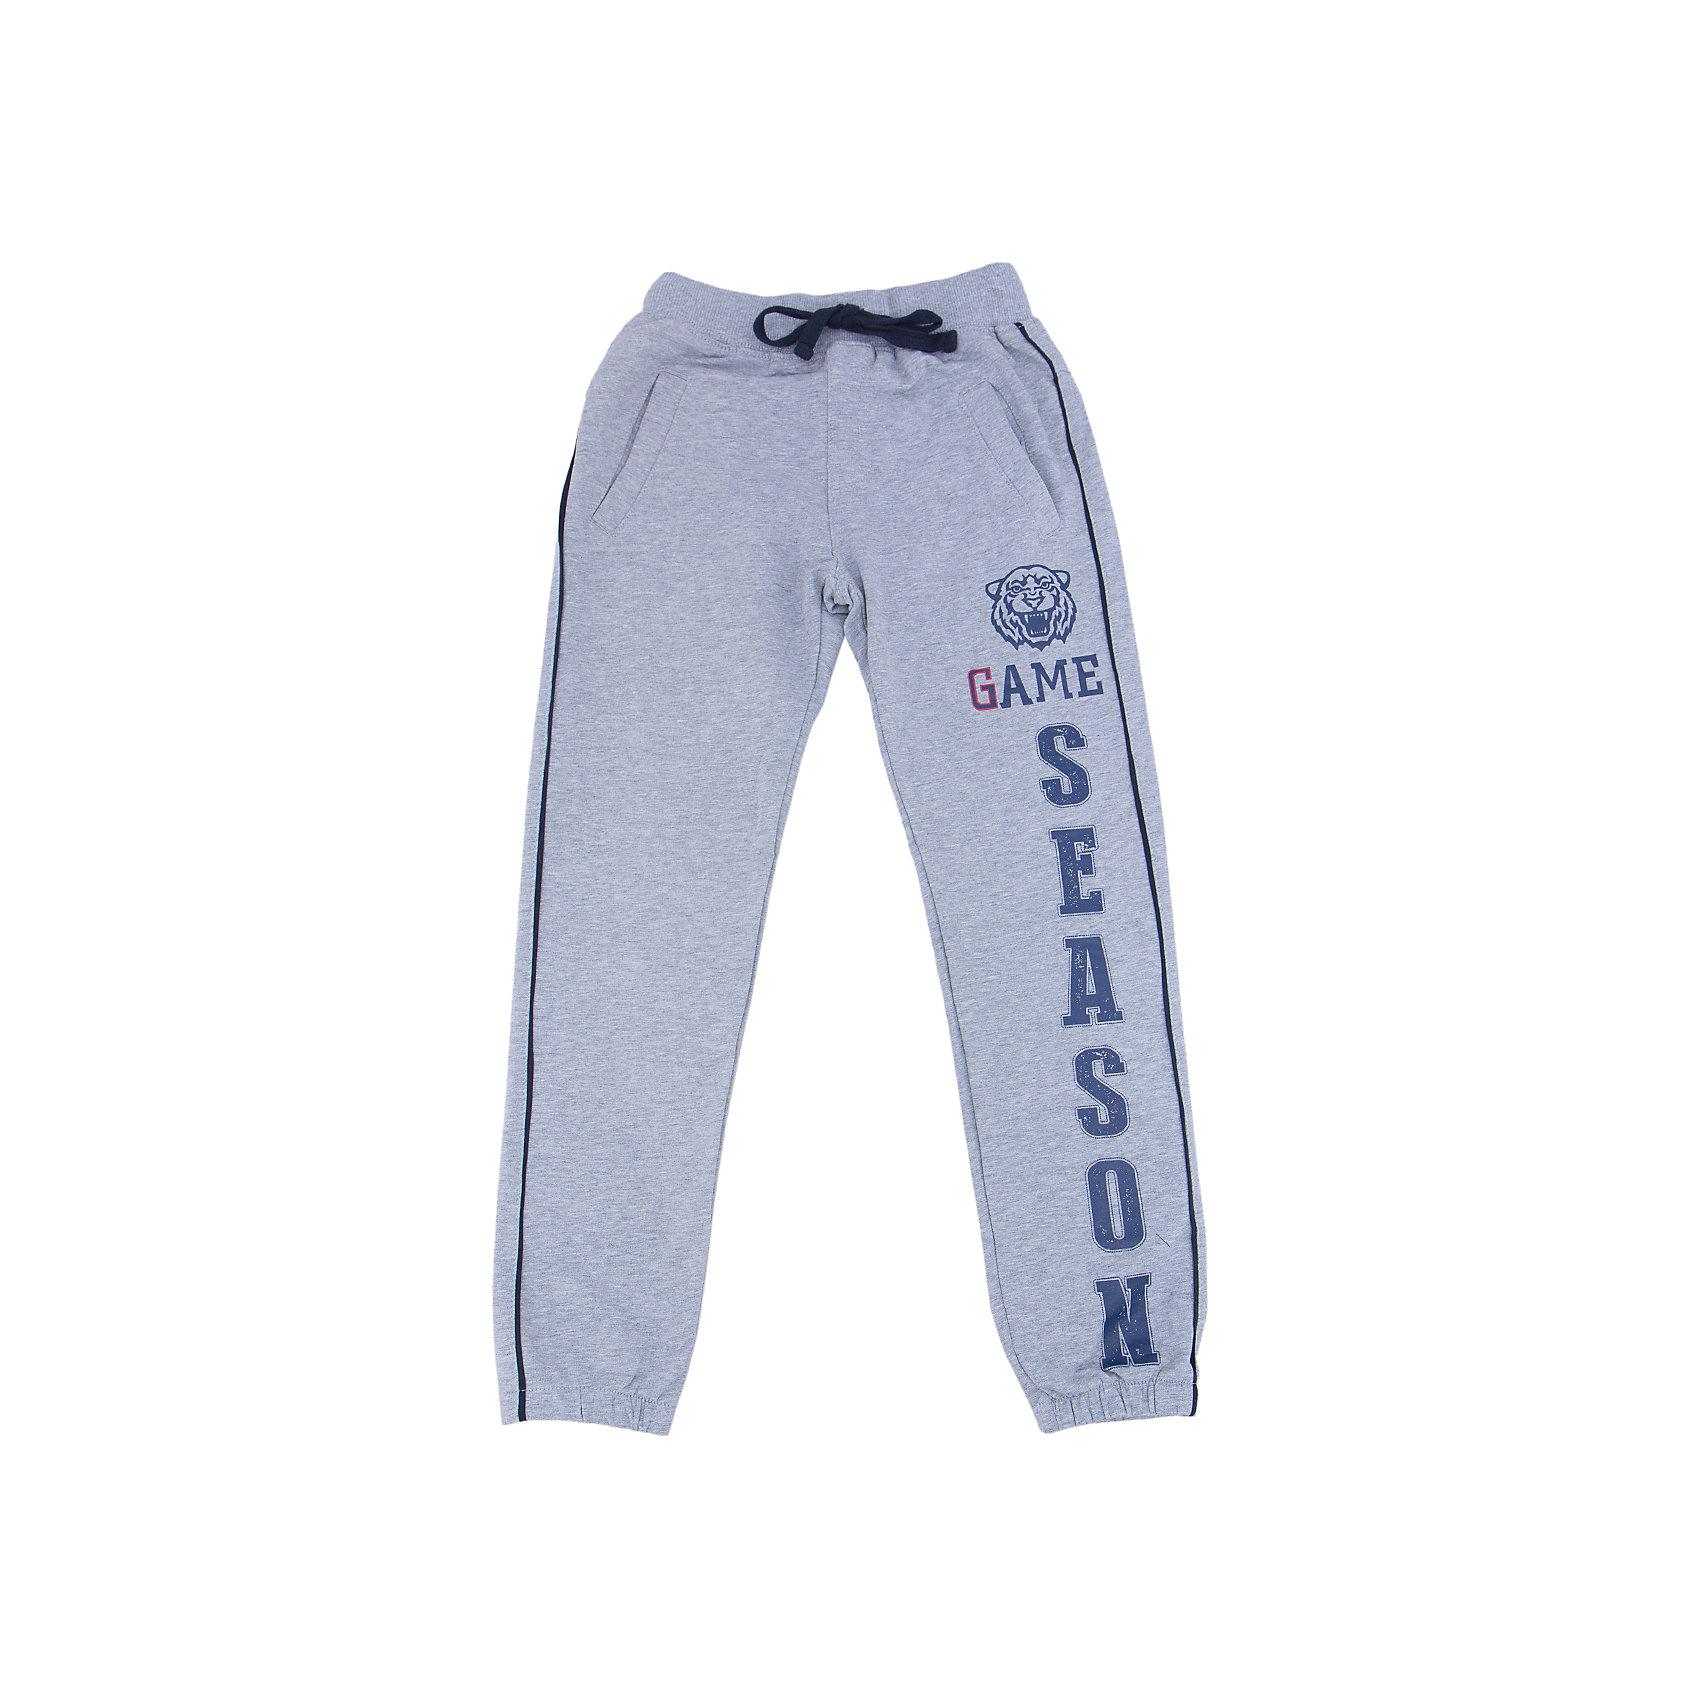 Брюки для мальчика LuminosoСпортивная форма<br>Спортивные брюки для мальчиков с лампасами по бокам. Эластичный пояс с внутренней резинкой, с дополнительным  шнурком. Декорирован принтом.<br>Состав:<br>95% хлопок 5% эластан<br><br>Ширина мм: 215<br>Глубина мм: 88<br>Высота мм: 191<br>Вес г: 336<br>Цвет: серый<br>Возраст от месяцев: 120<br>Возраст до месяцев: 132<br>Пол: Мужской<br>Возраст: Детский<br>Размер: 146,164,134,140,152,158<br>SKU: 4931026